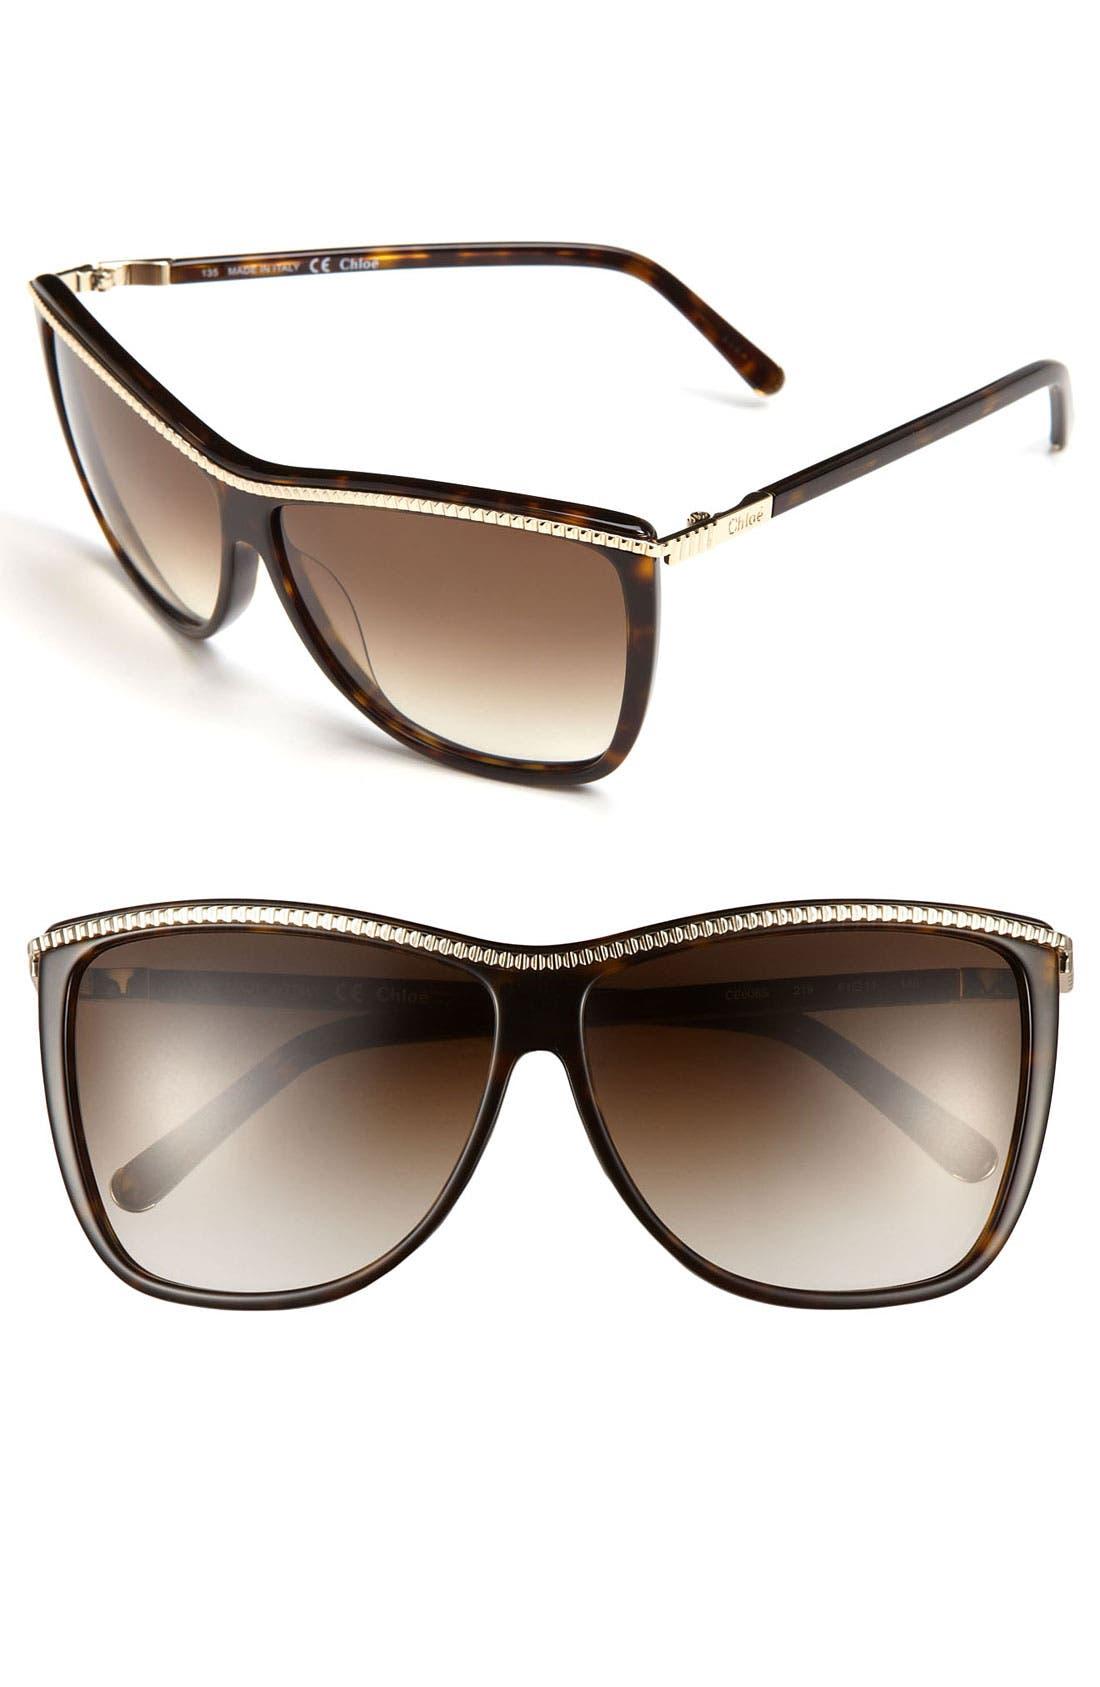 Main Image - Chloé 61mm Retro Sunglasses